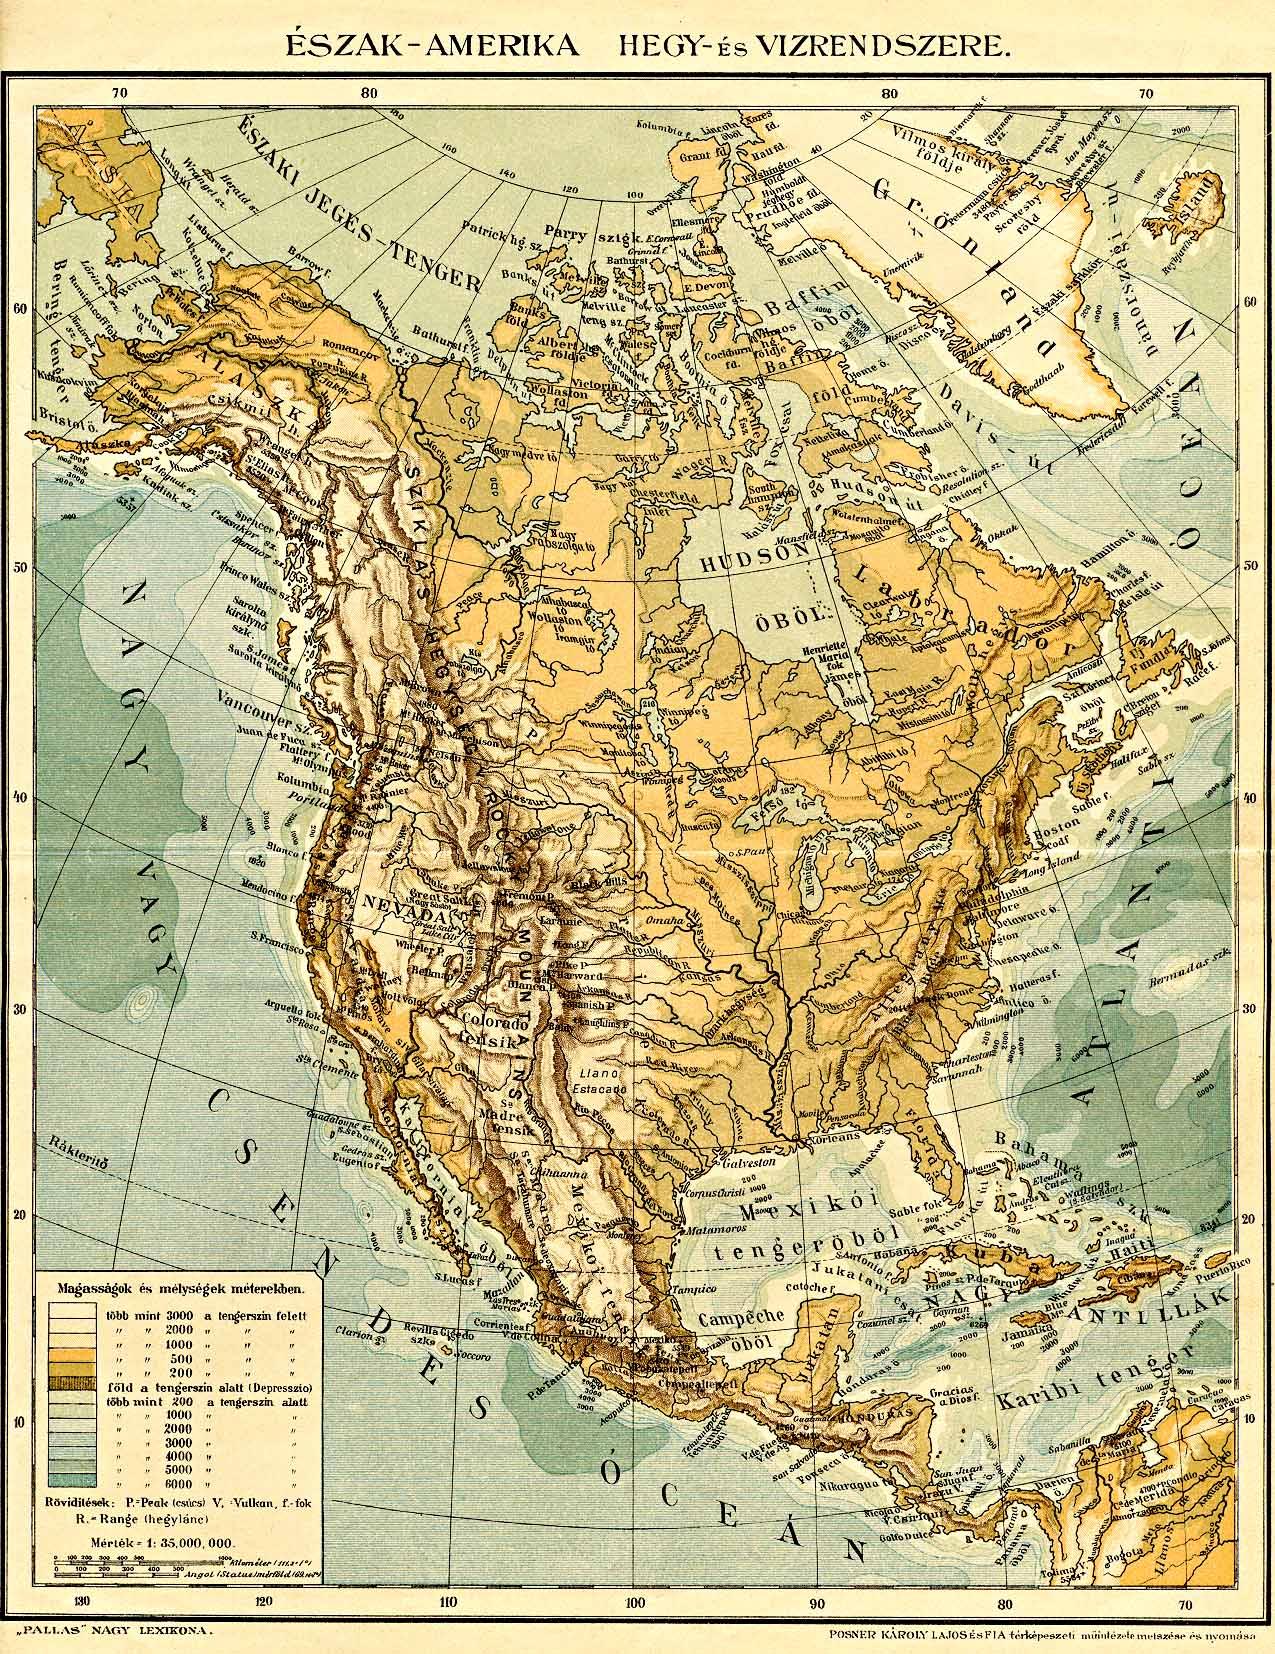 amerika felfedezése térkép A Pallas nagy lexikona amerika felfedezése térkép